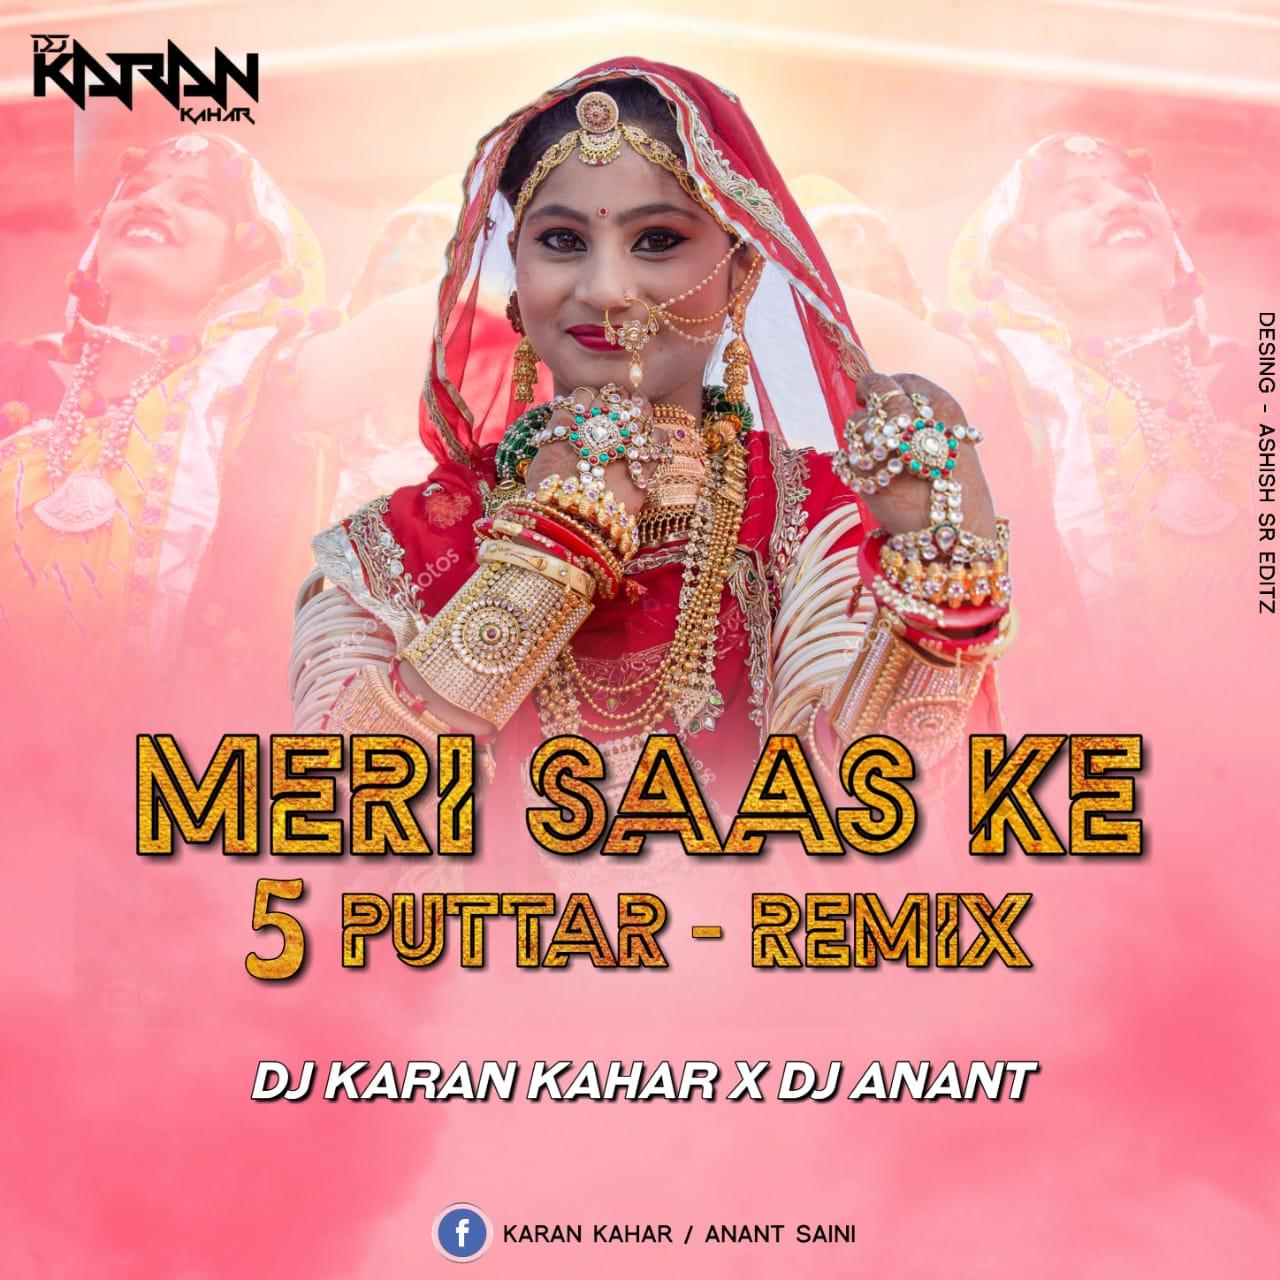 Meri Saas Ke 5 Putar ( Remix ) Dj Karan Kahar Dj Anant